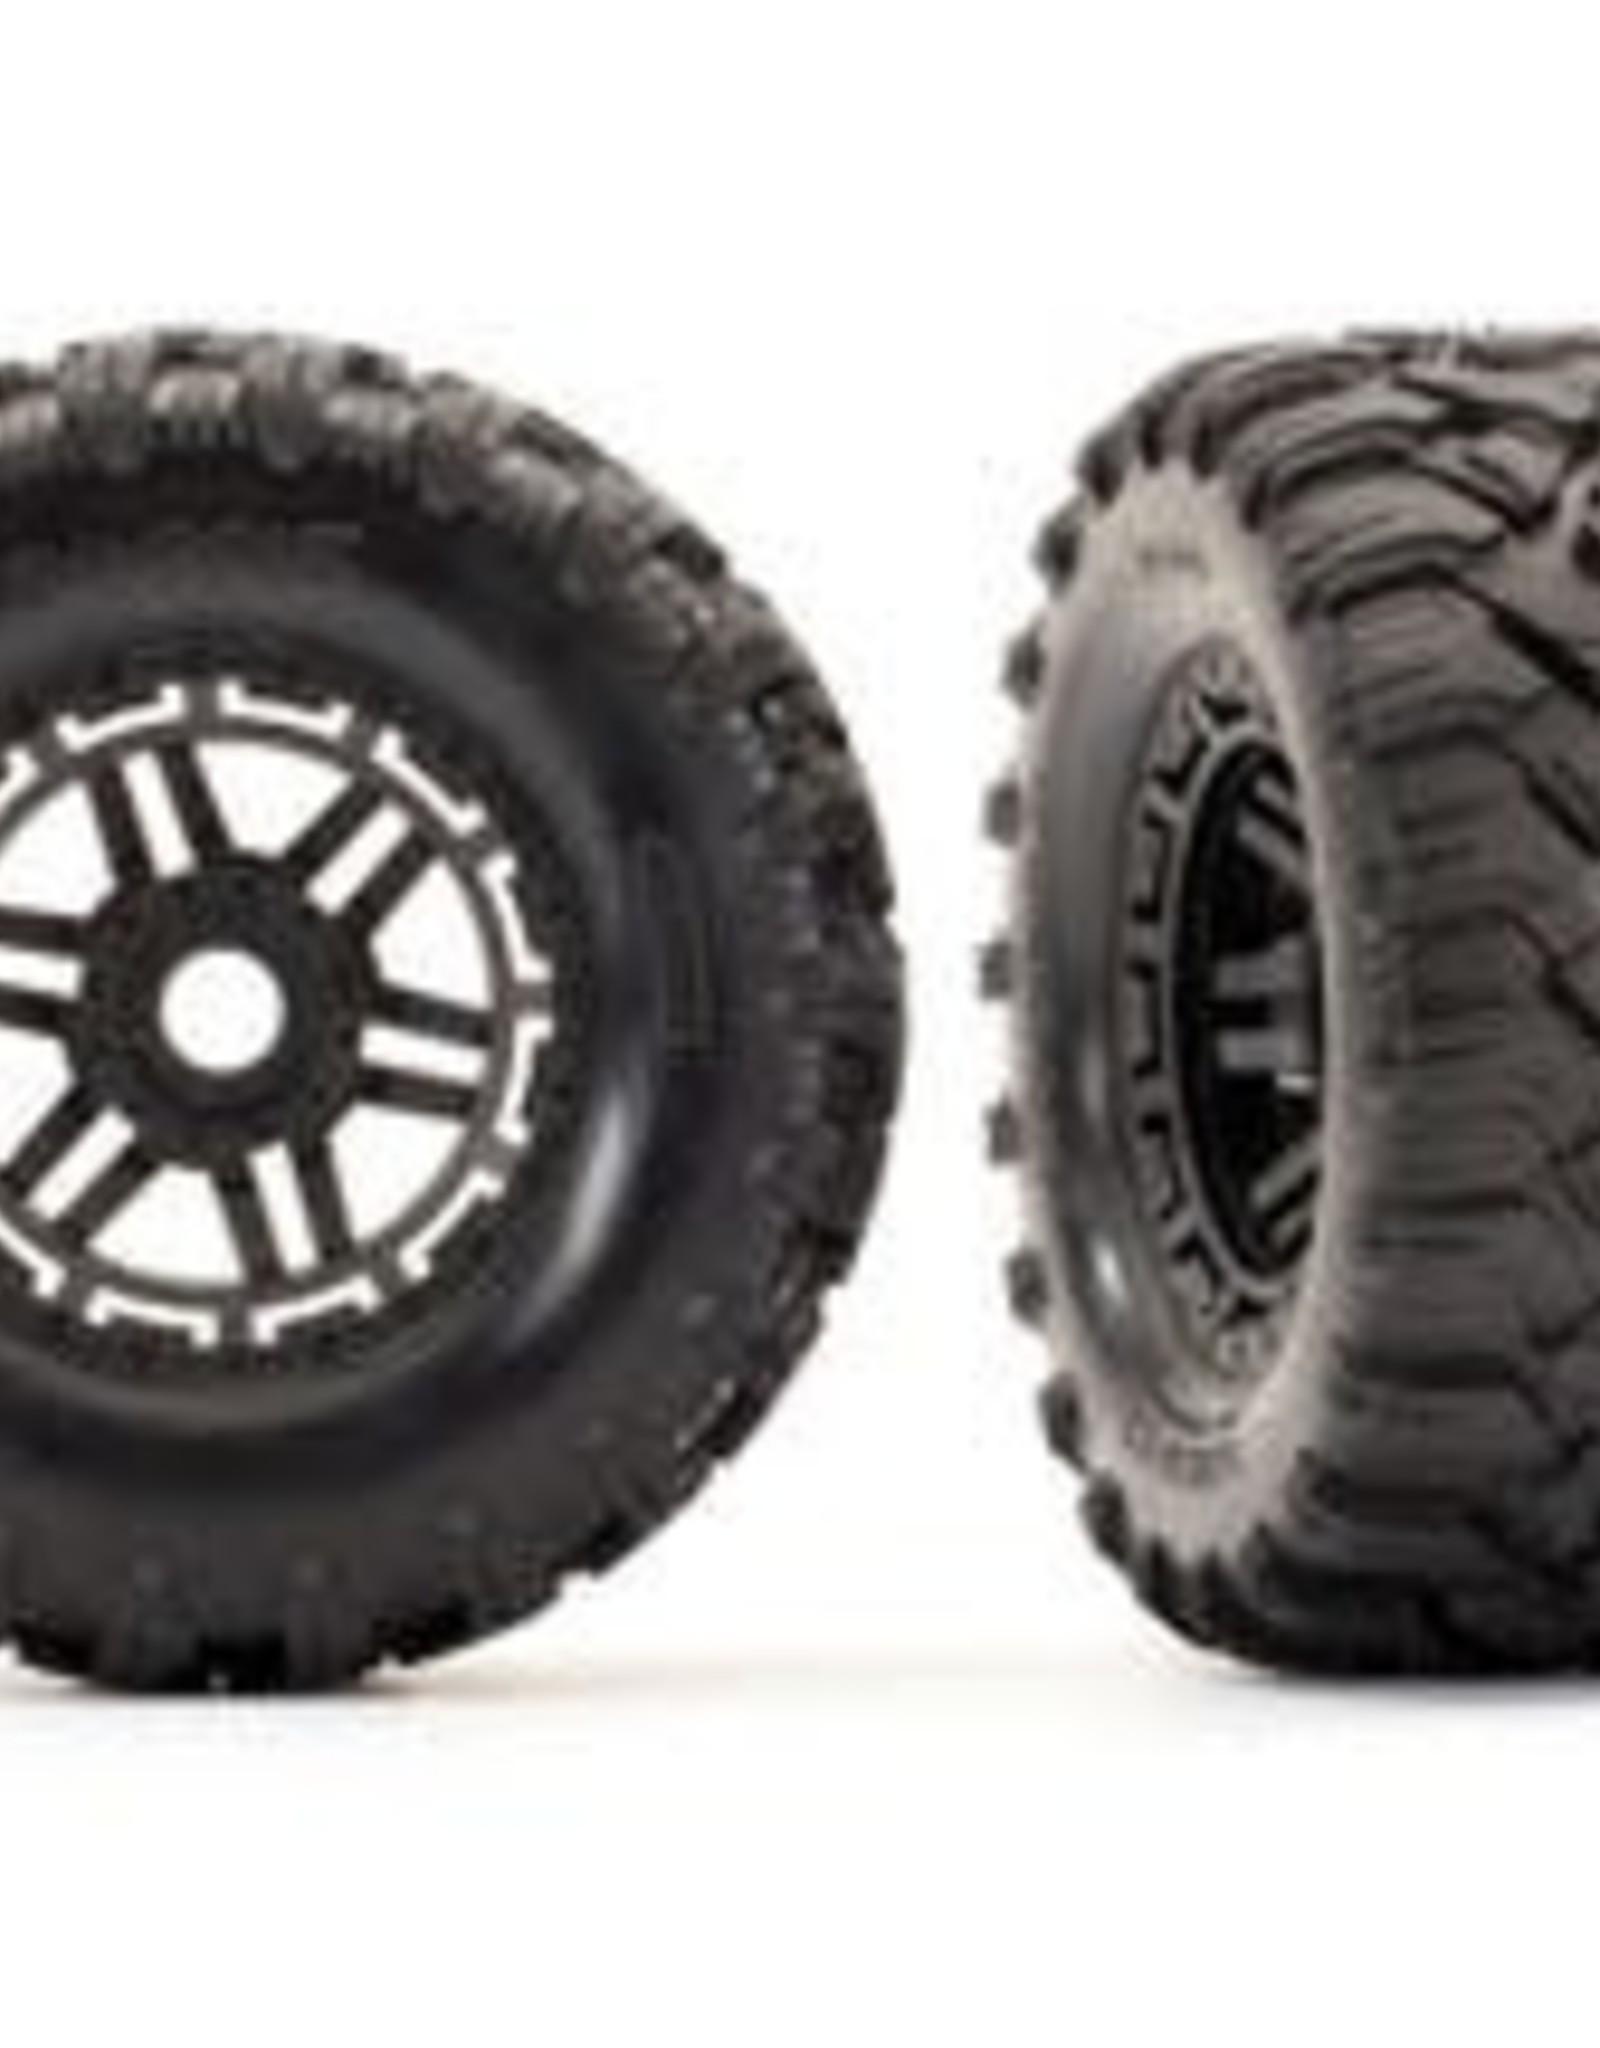 TRAXXAS Tires & wheels, assembled, glued (black wheels, Maxx All-Terrain tires, foam inserts) (2) (17mm splined) (TSM rated)